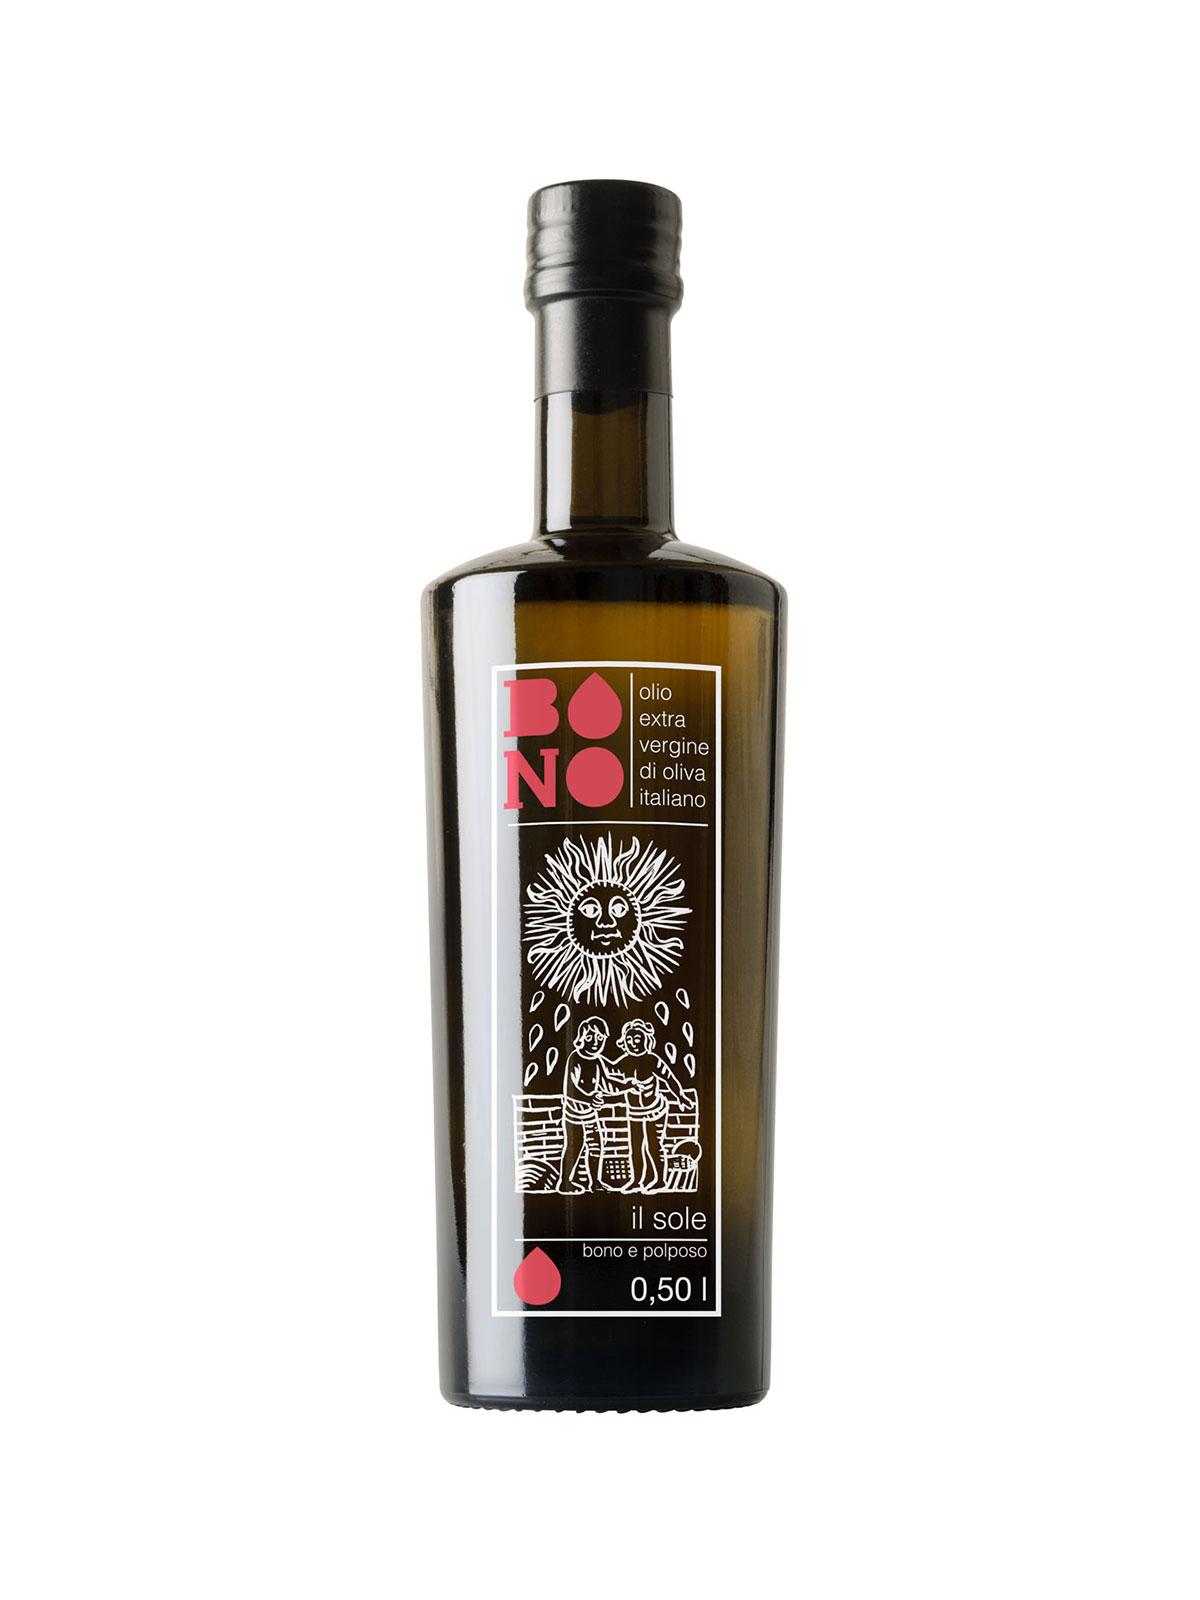 Il Sole - Oils & Vinegars - Buon'Italia